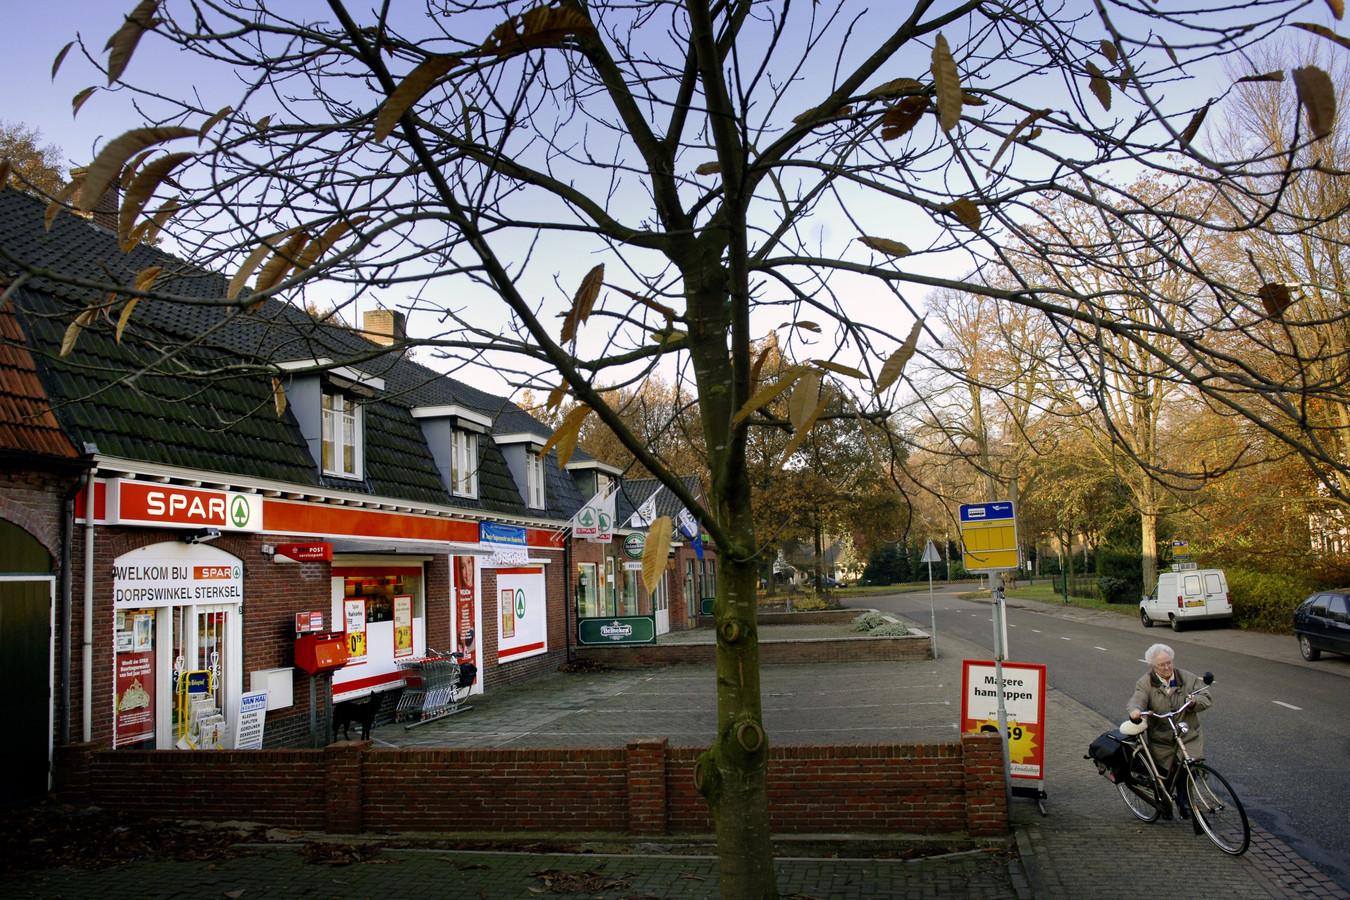 Dorpswinkel de Spar in Sterksel op een archieffoto uit 2005.